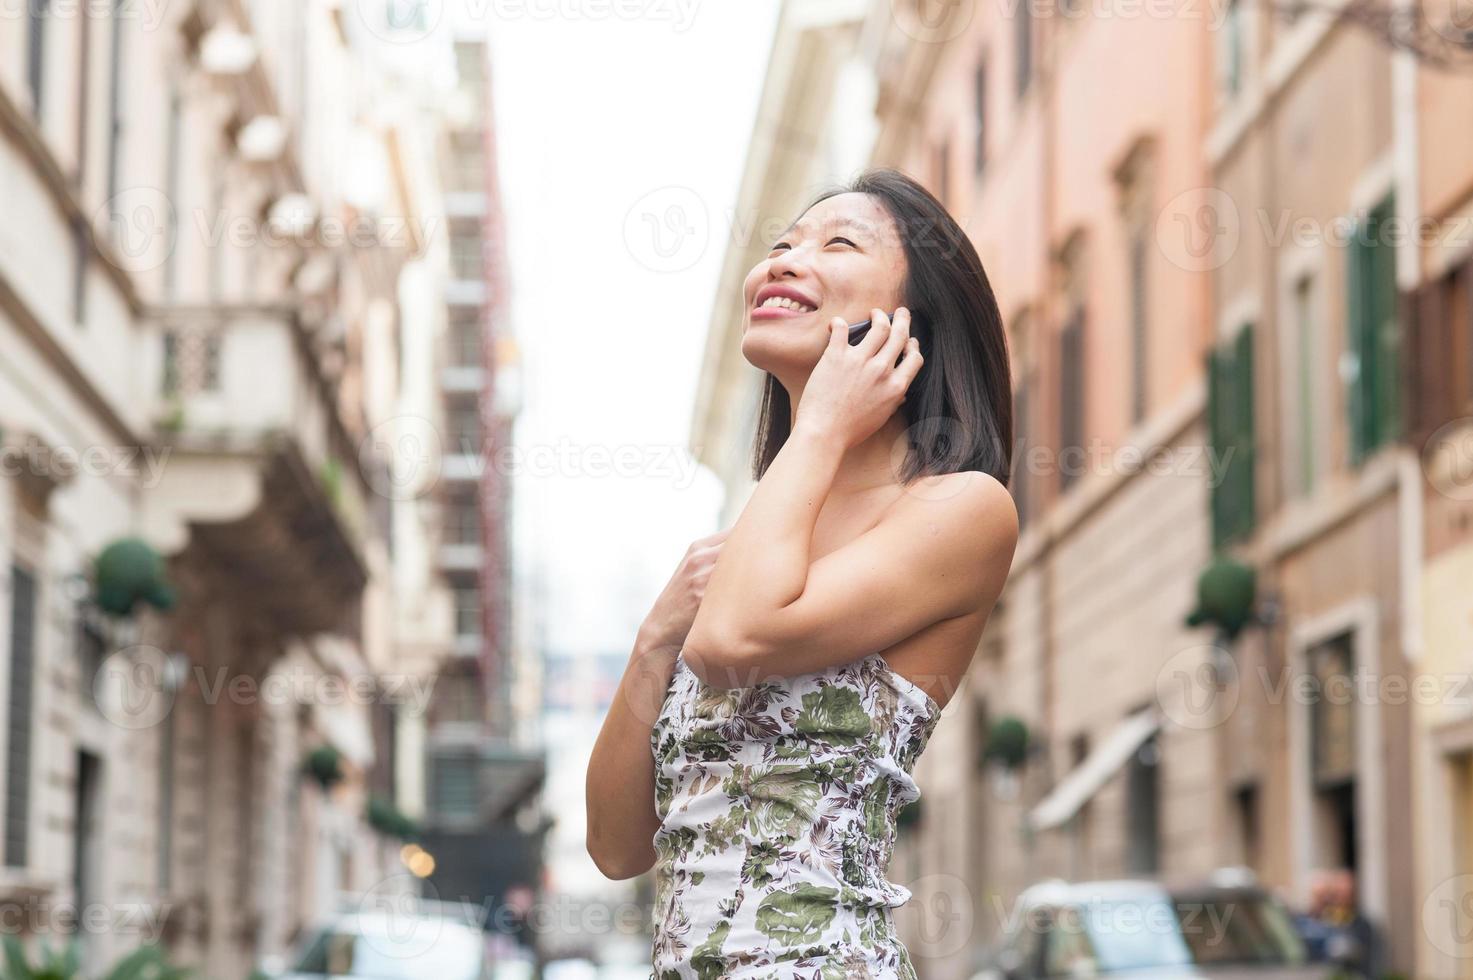 schöne asiatische Frau lächelnd mit Handy Frühling Urban Outdoor foto